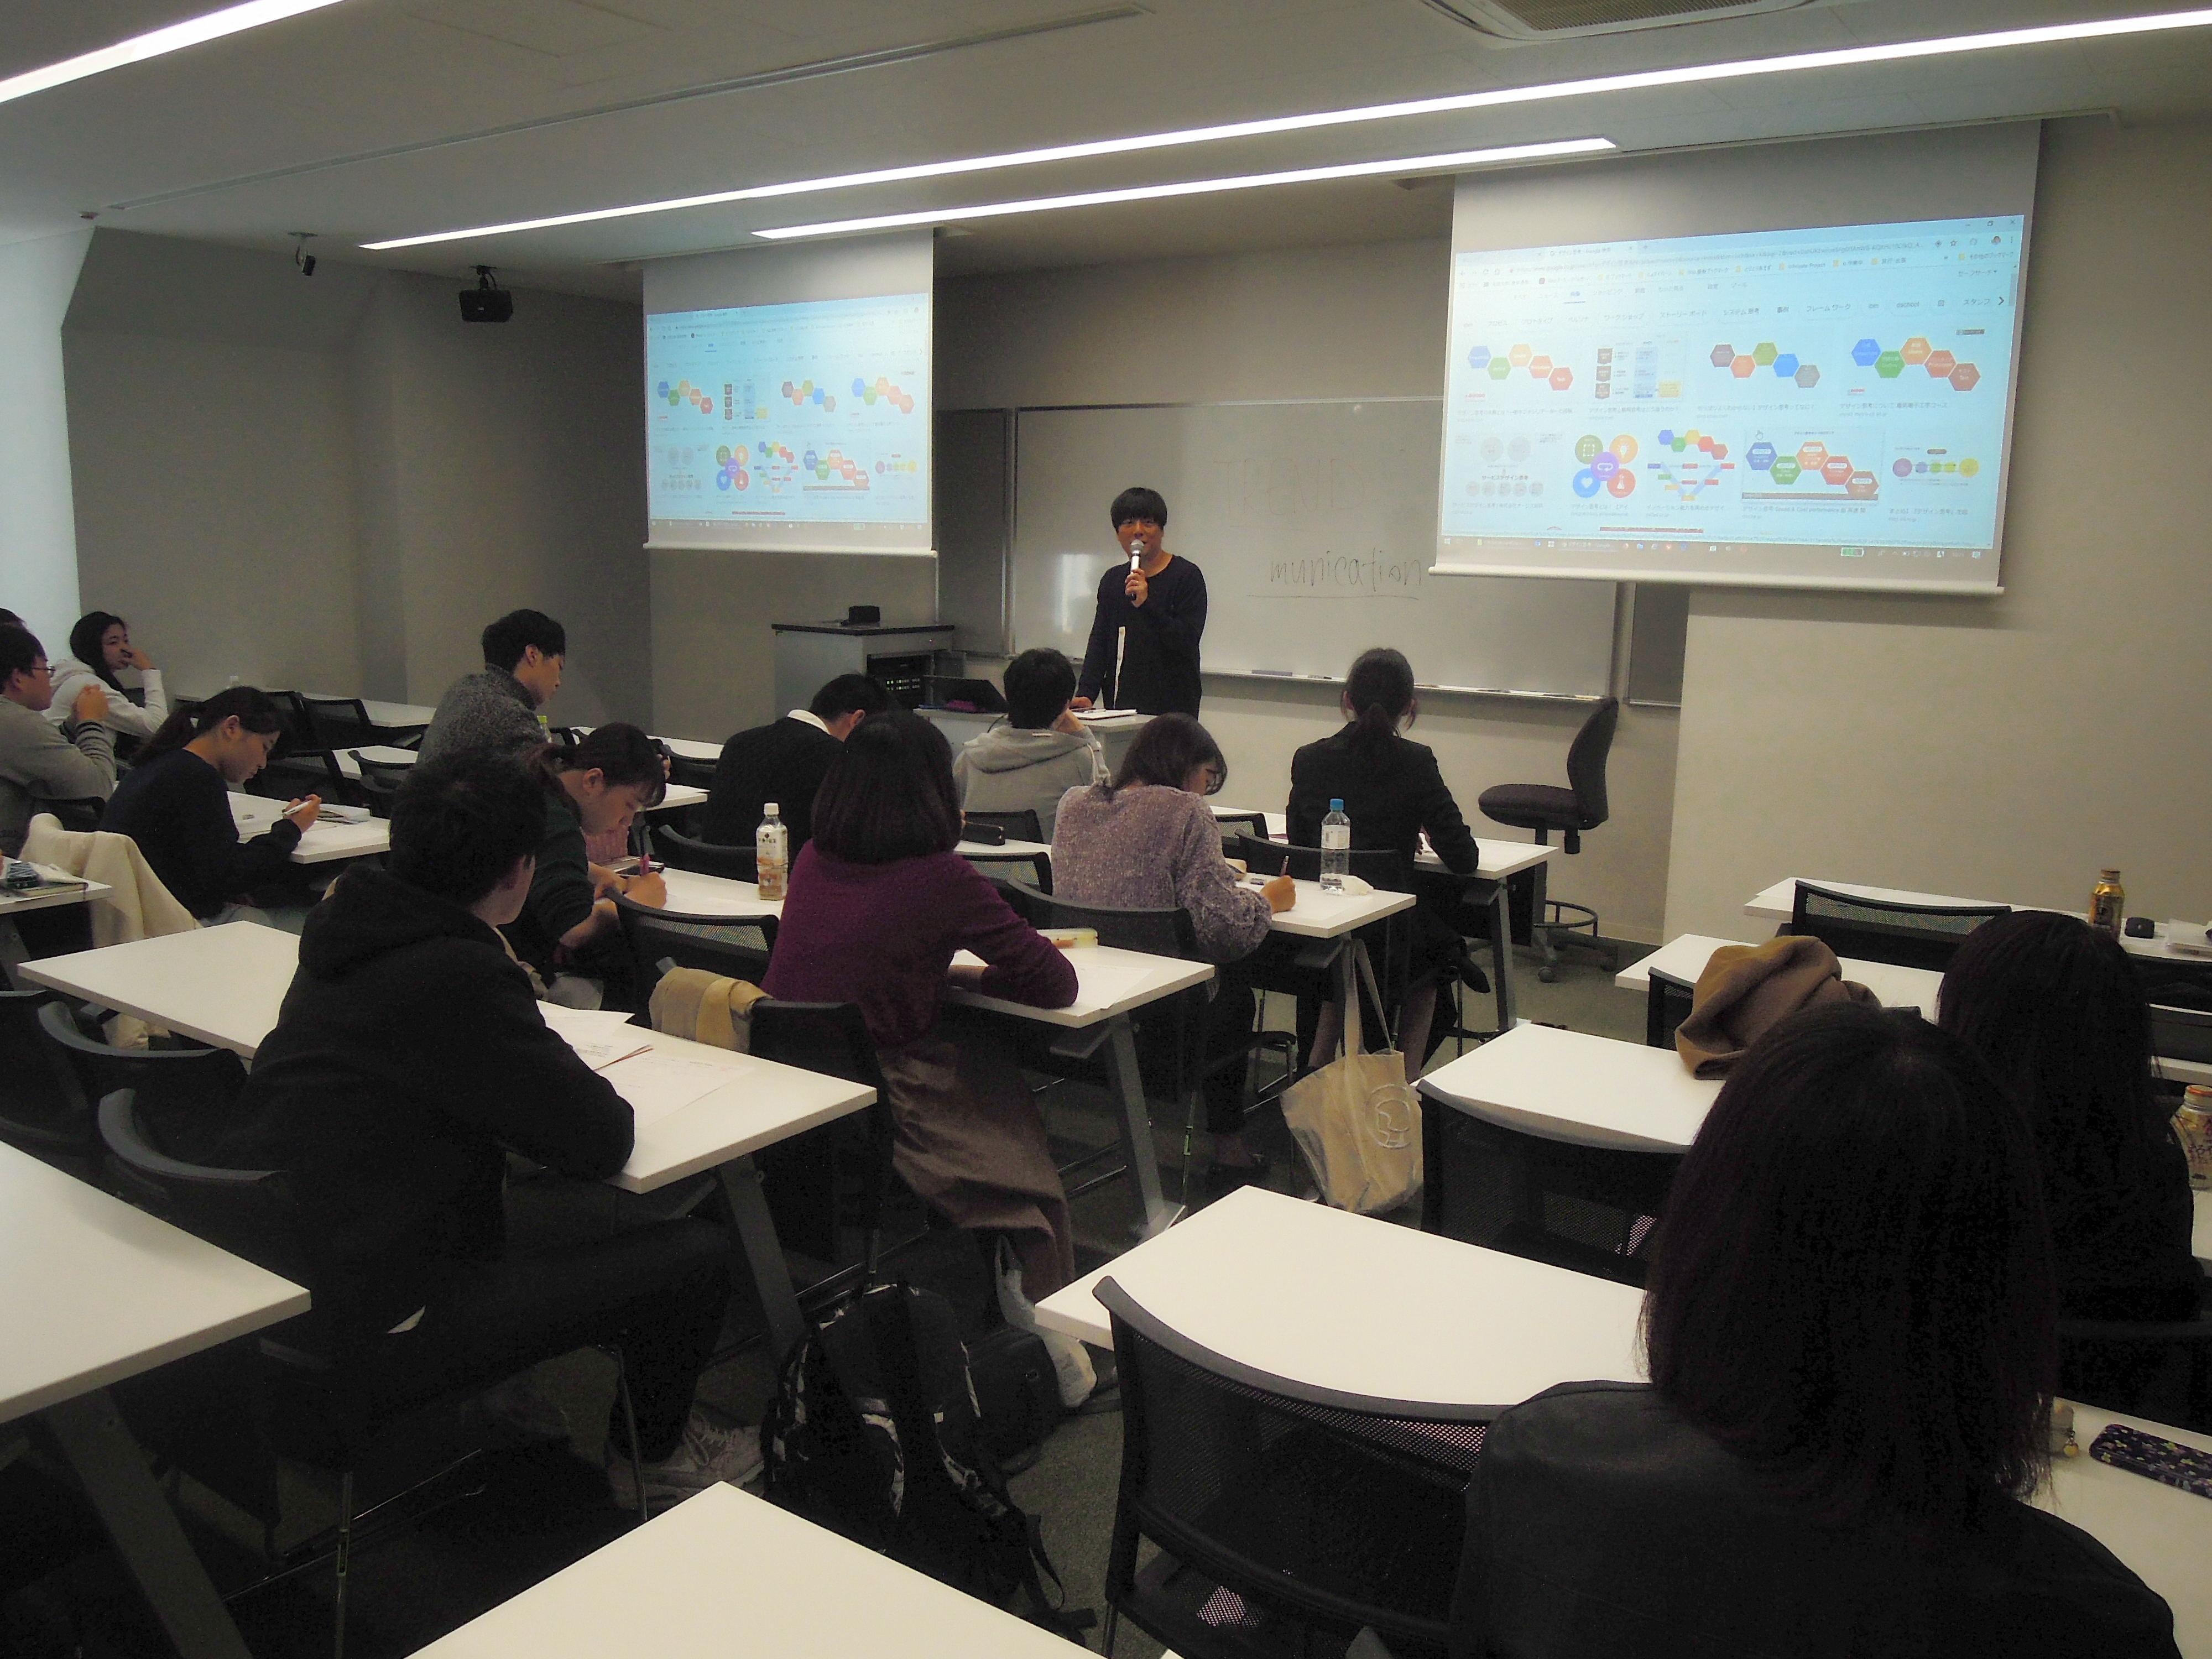 【産学連携】上智大学/グローバル教育センターの公開授業にグローバル・デイリーが出講